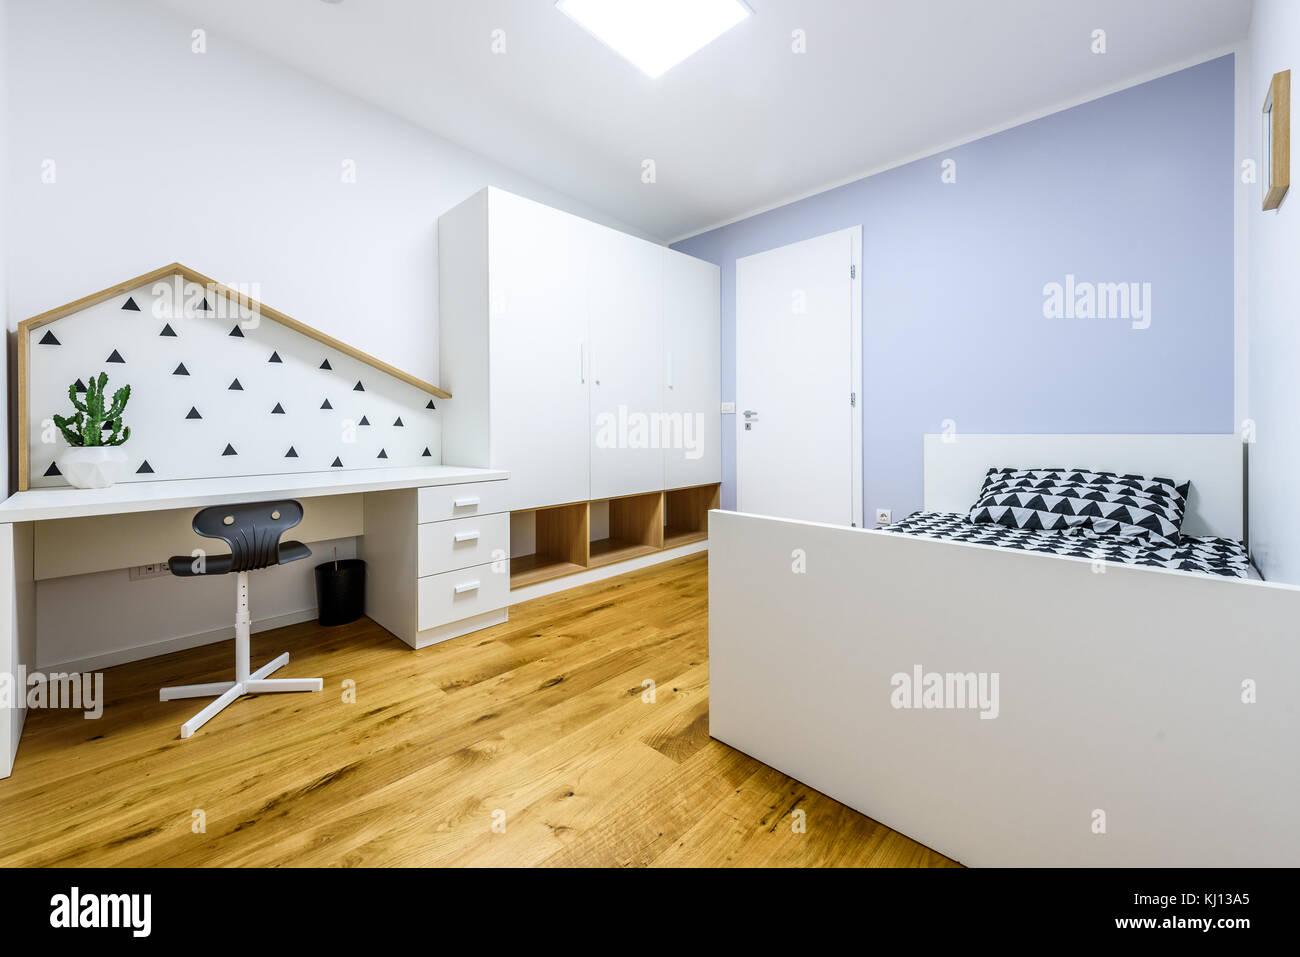 Camere Da Letto Lussuose Per Ragazze : Moderna sala giochi per bambini con letto e scrivania accogliente